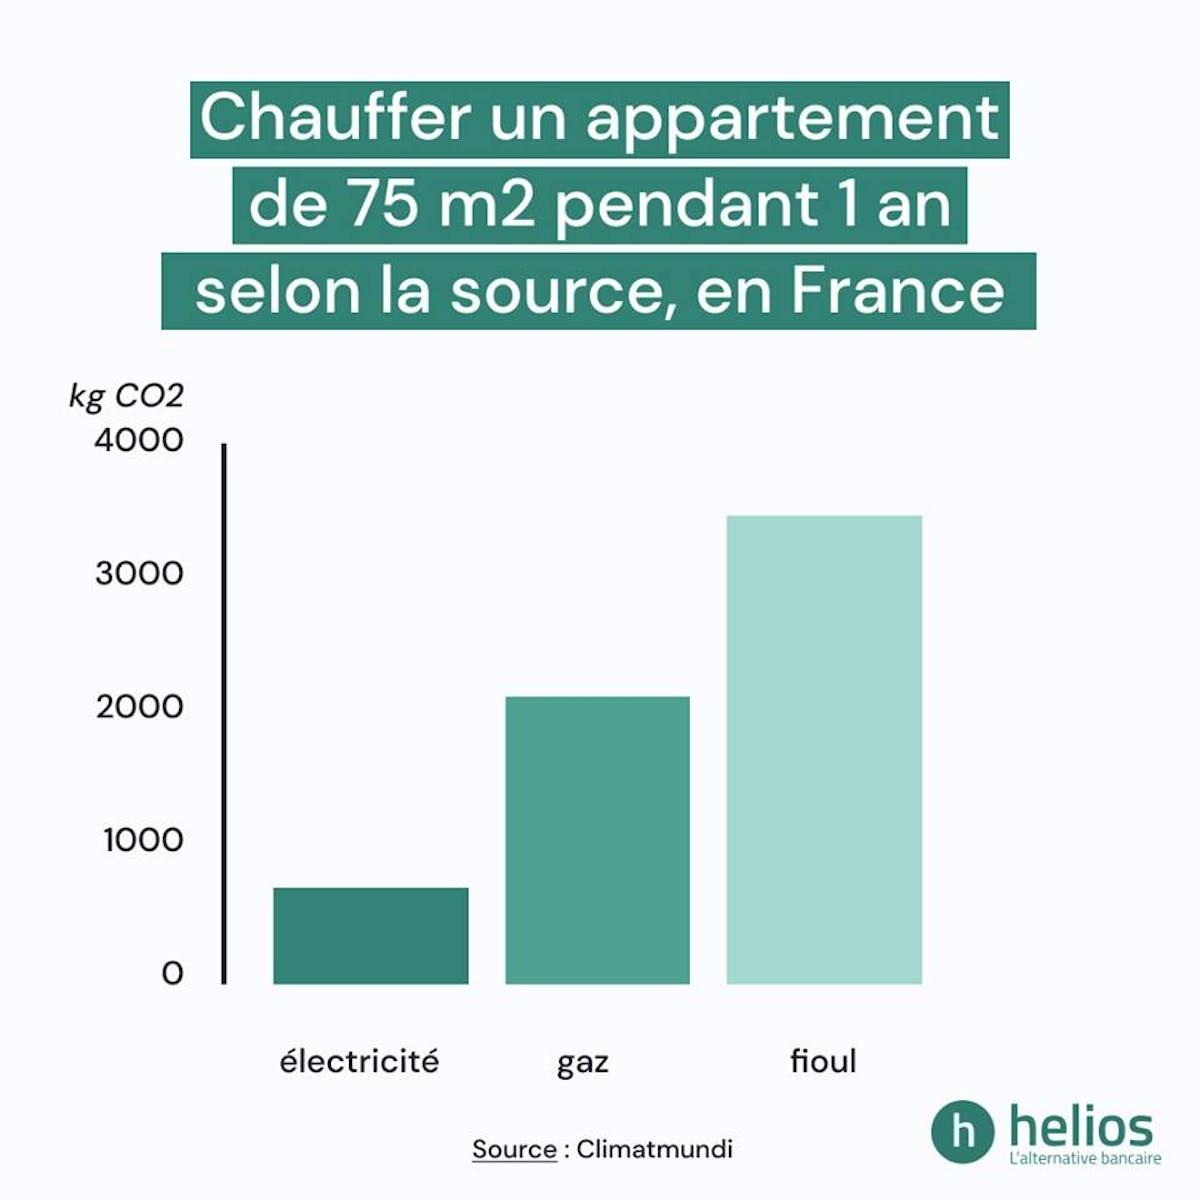 Chauffer un appartement de 75m2 pendant 1 an selon la source, en France